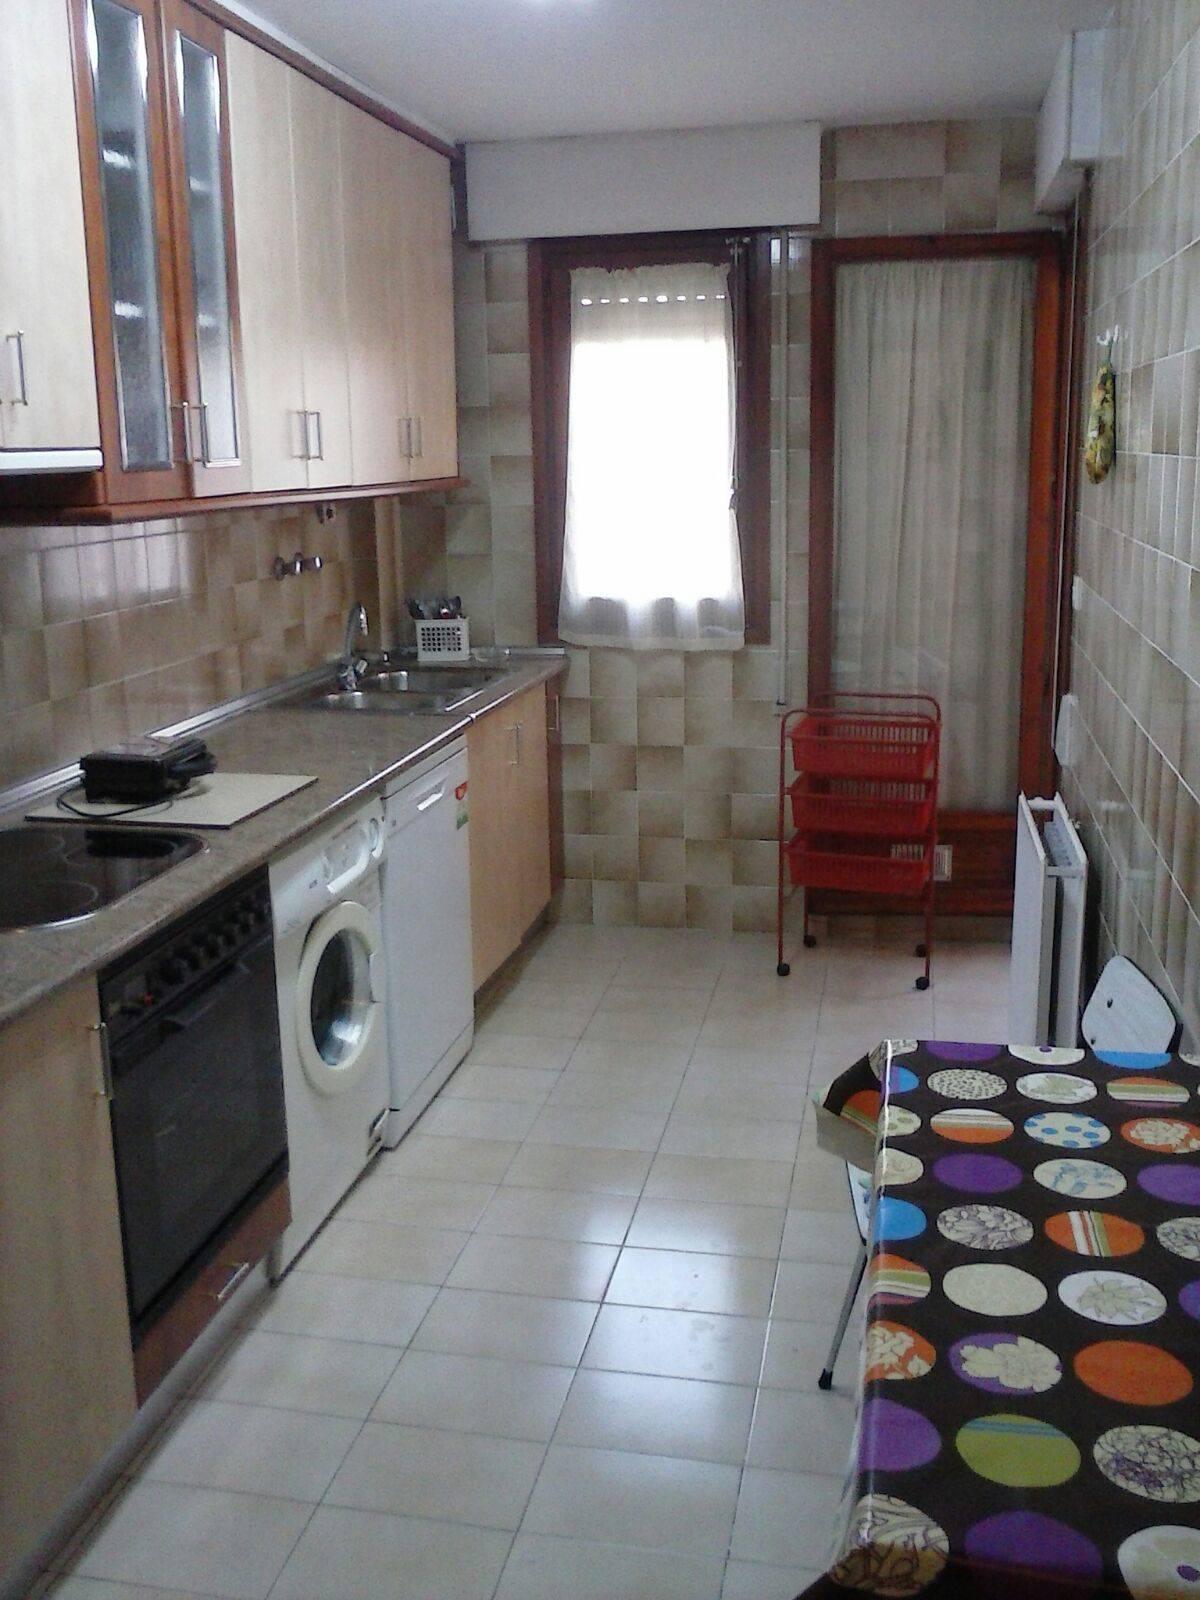 en soria capital se alquila habitacion en piso compartido  - Foto 2